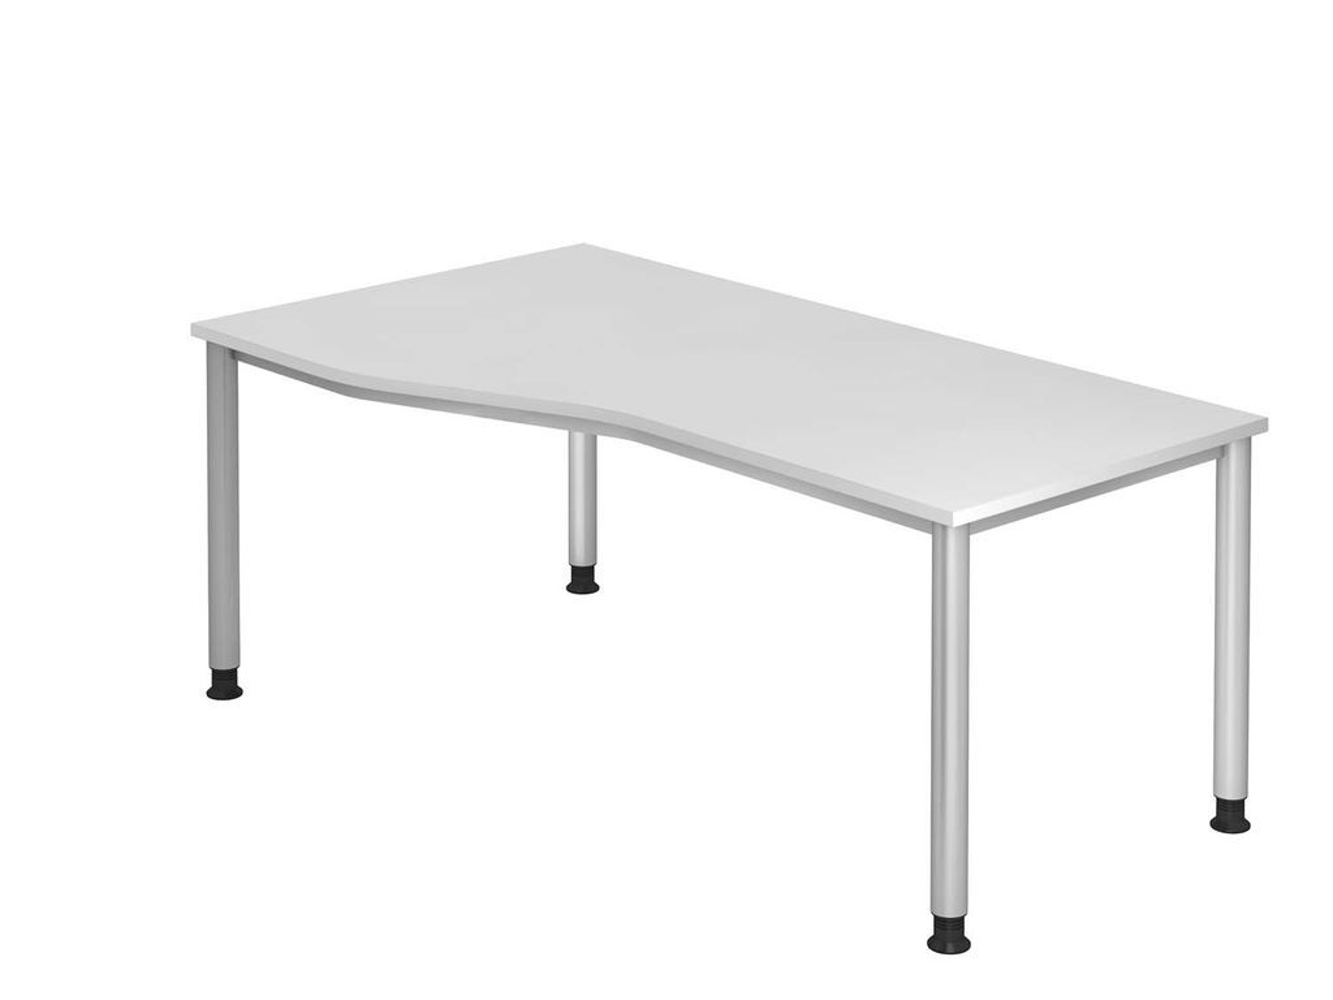 Schreibtisch HS18 4-Fuß rund 180x100 / 80cm Weiß Gestellfarbe: Silber Bild 1